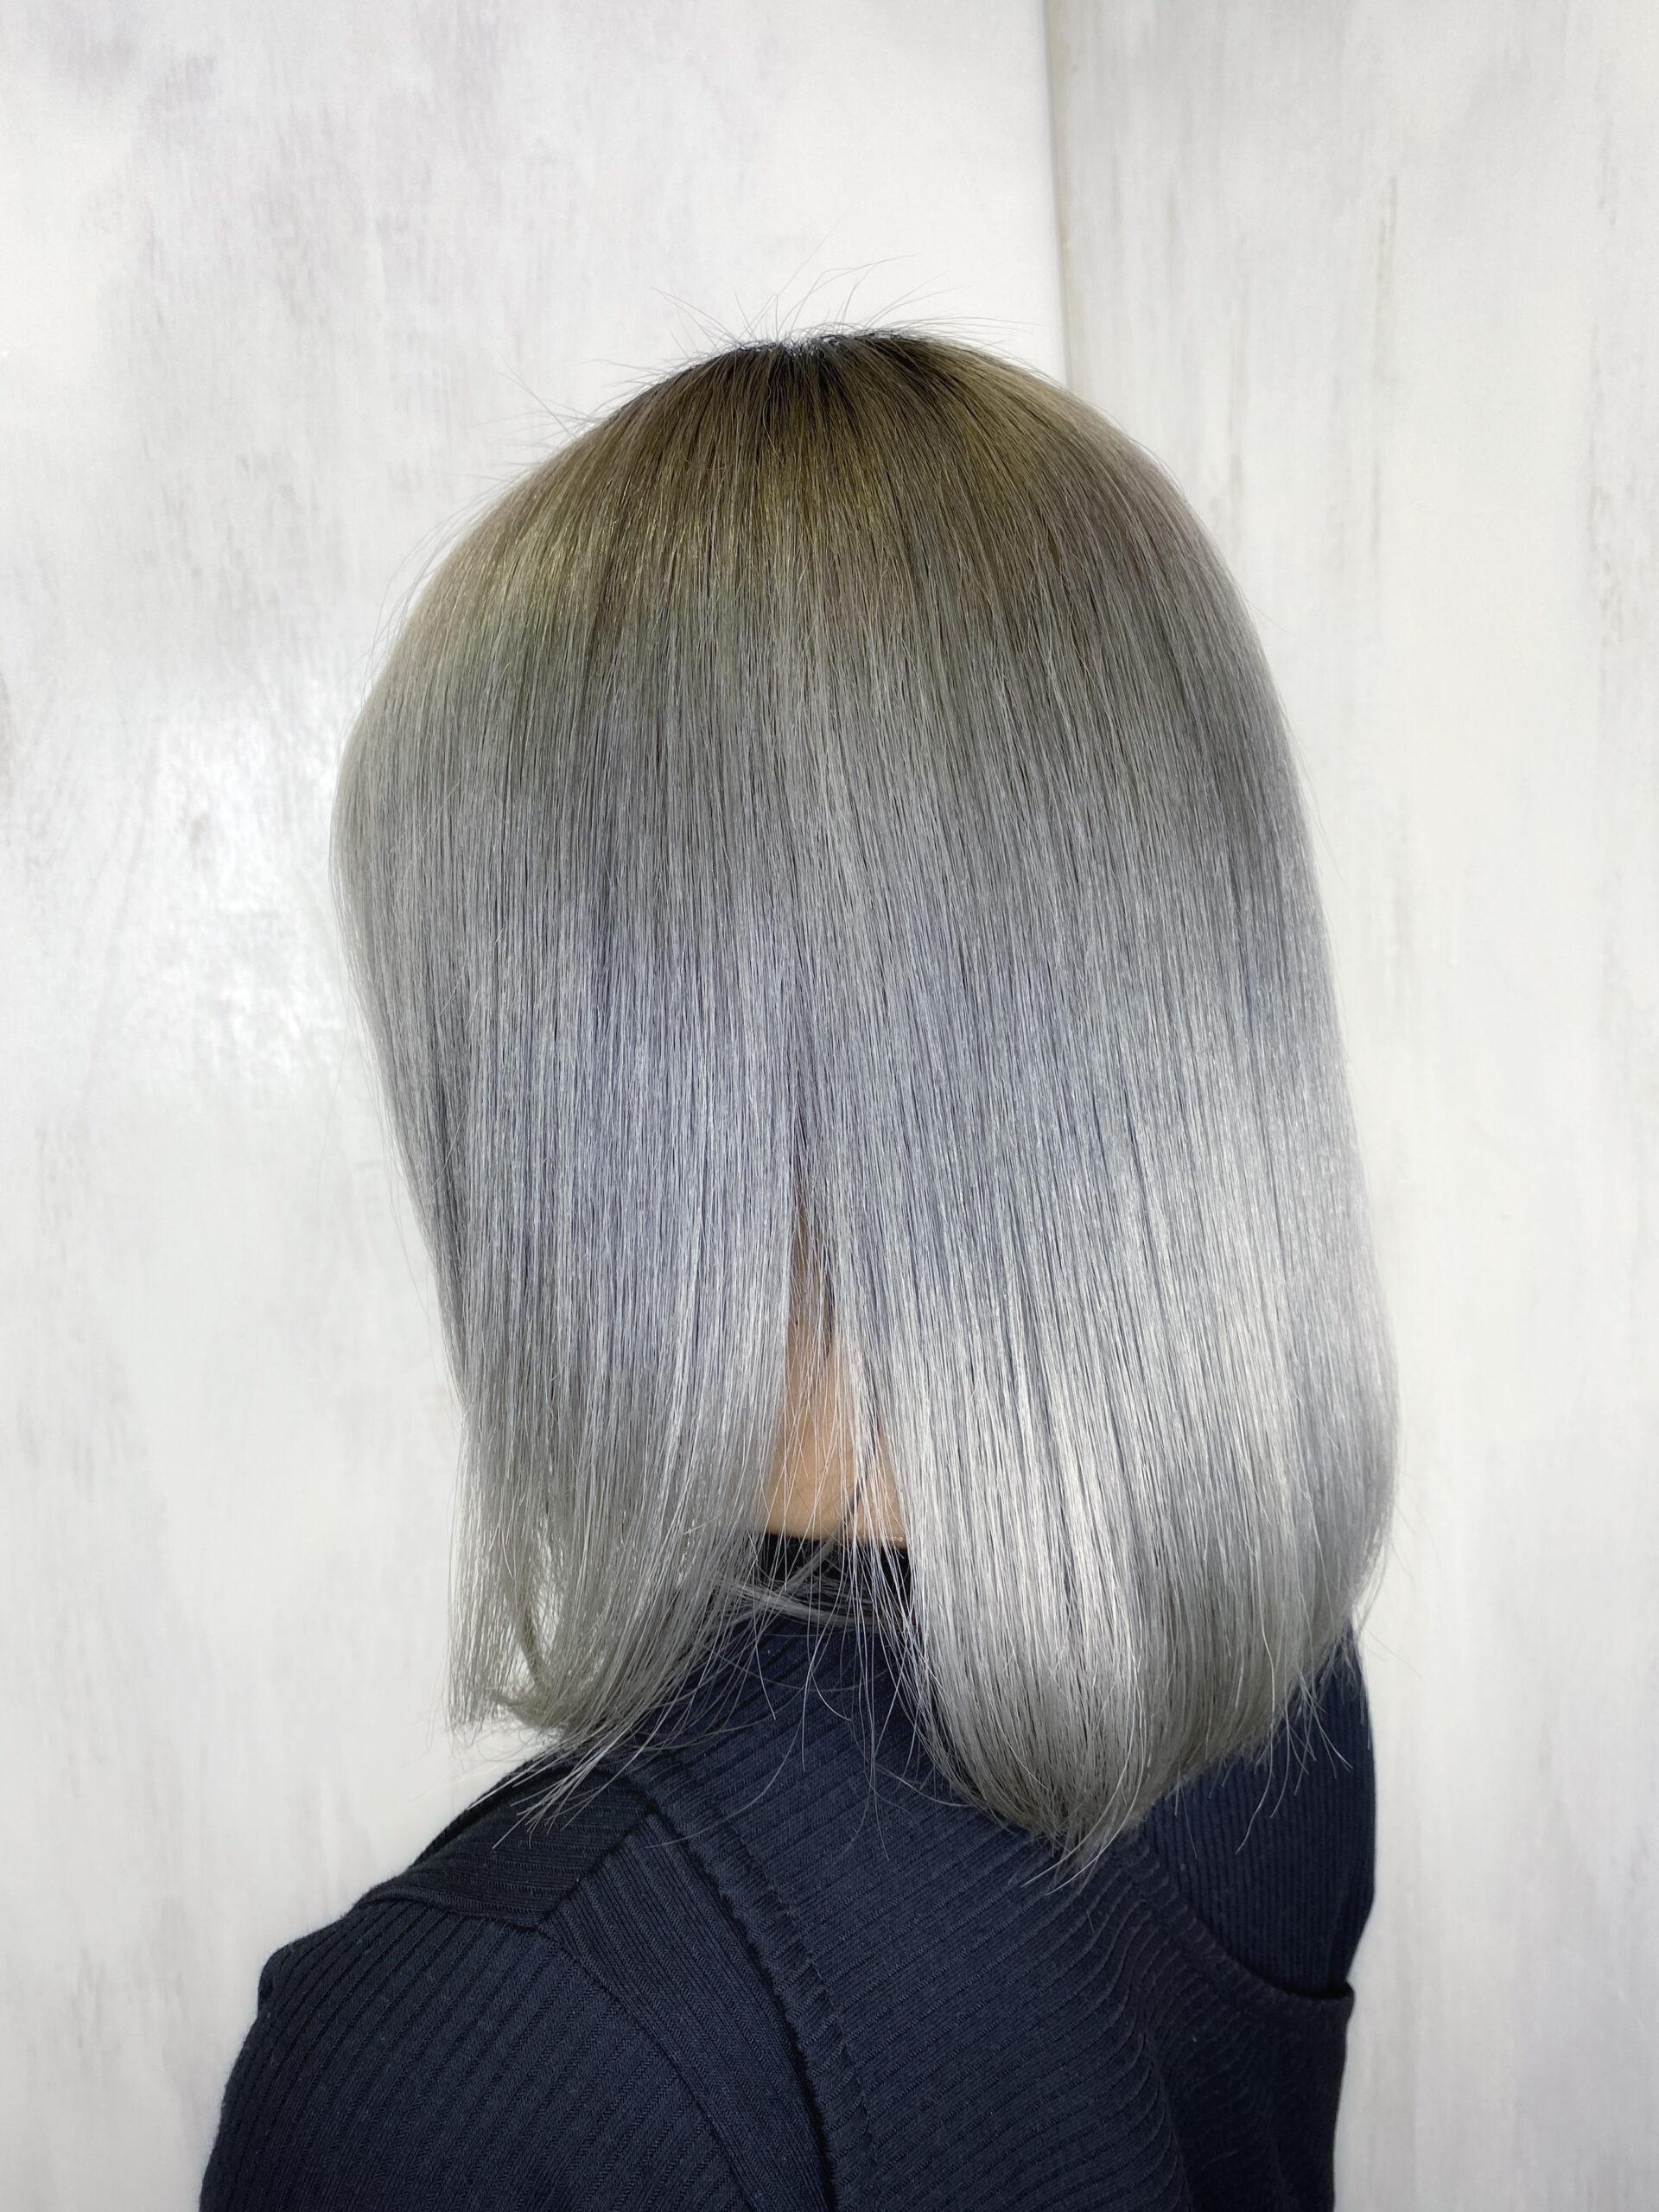 ジュエリーシステム×LULUトリートメント×縮毛矯正で髪のうねり、ボリュームが気になる方を艶髪ストレートヘア。